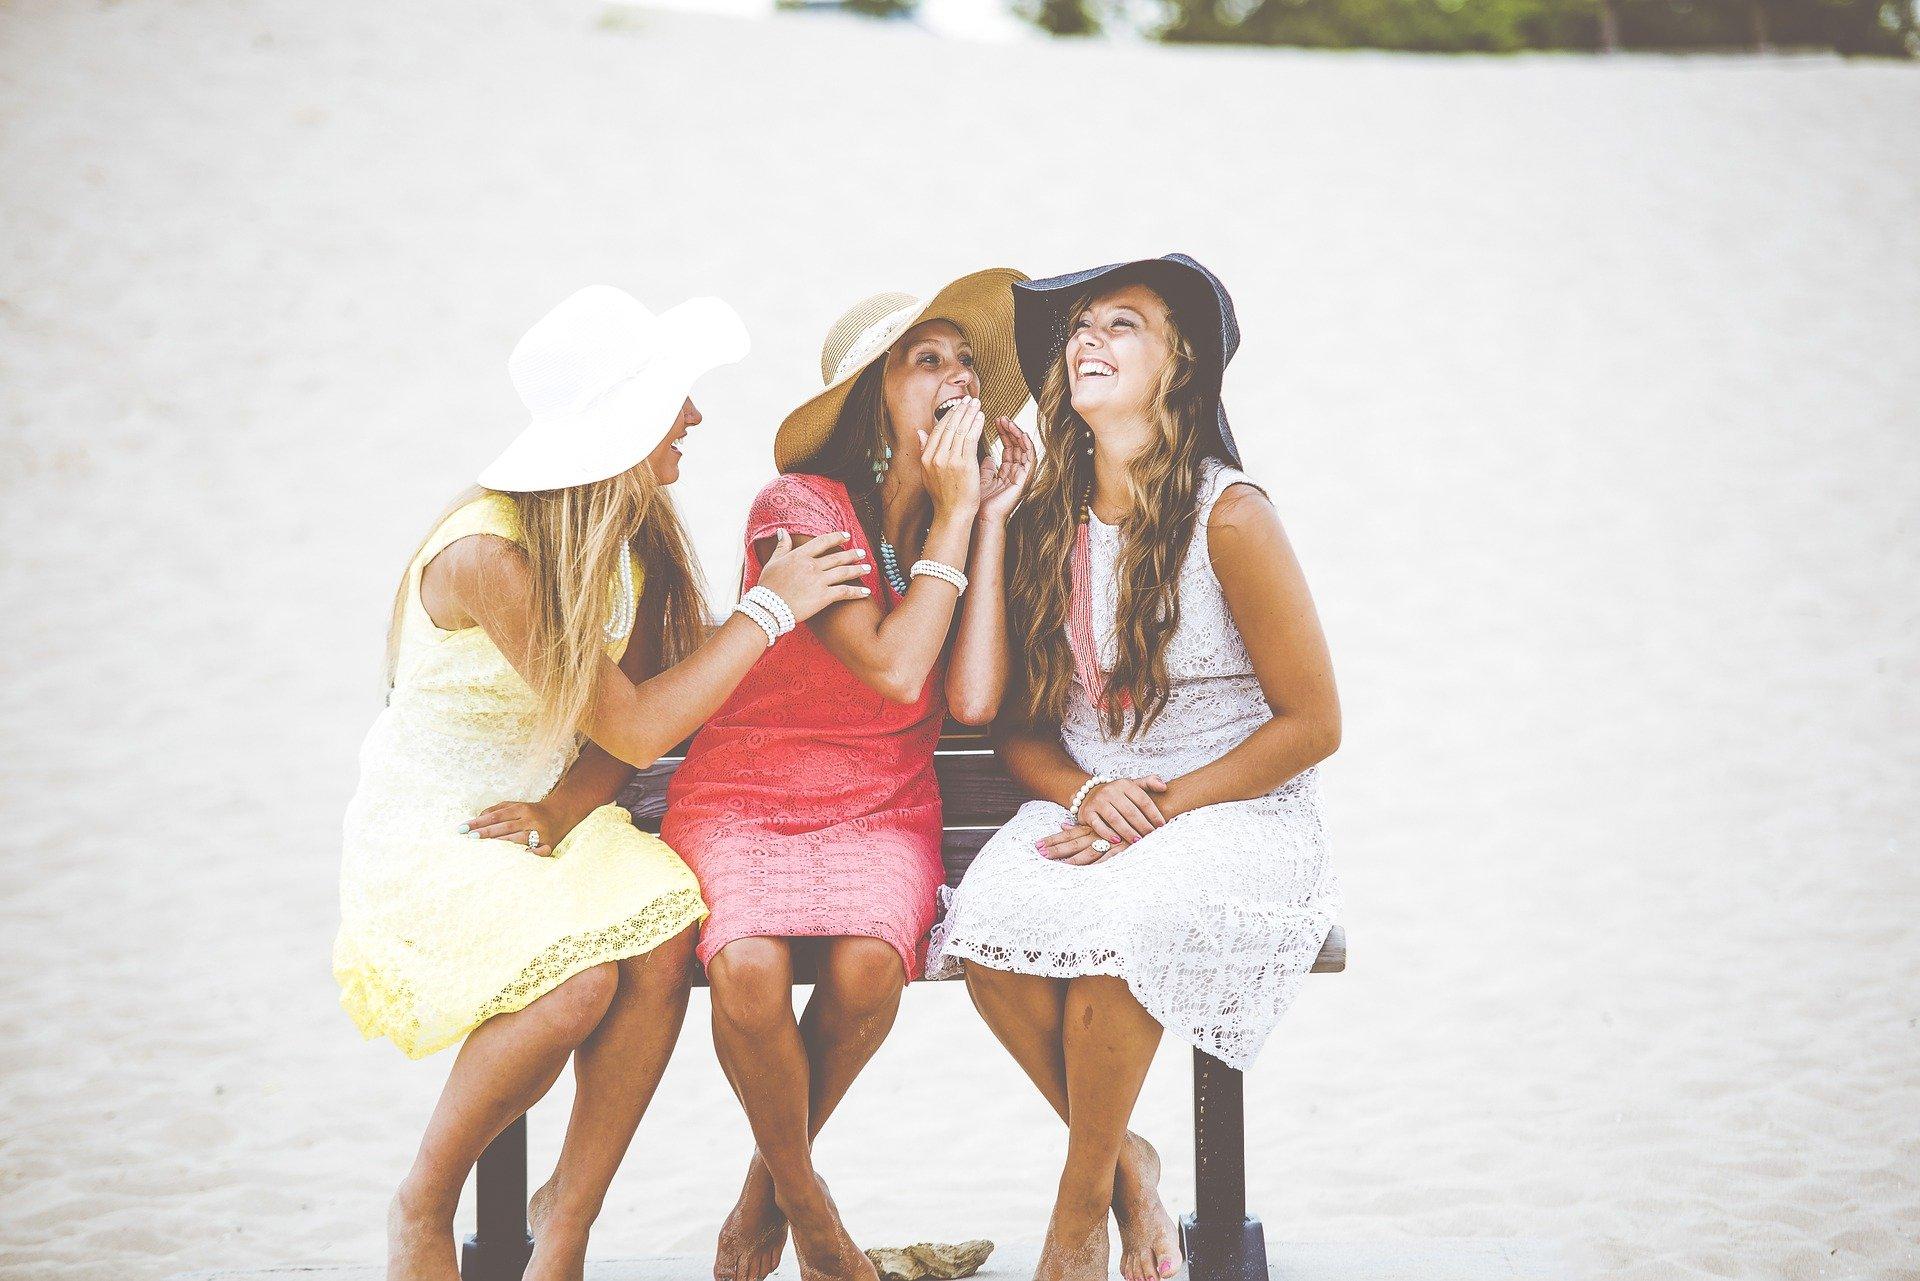 girls-1853958_1920